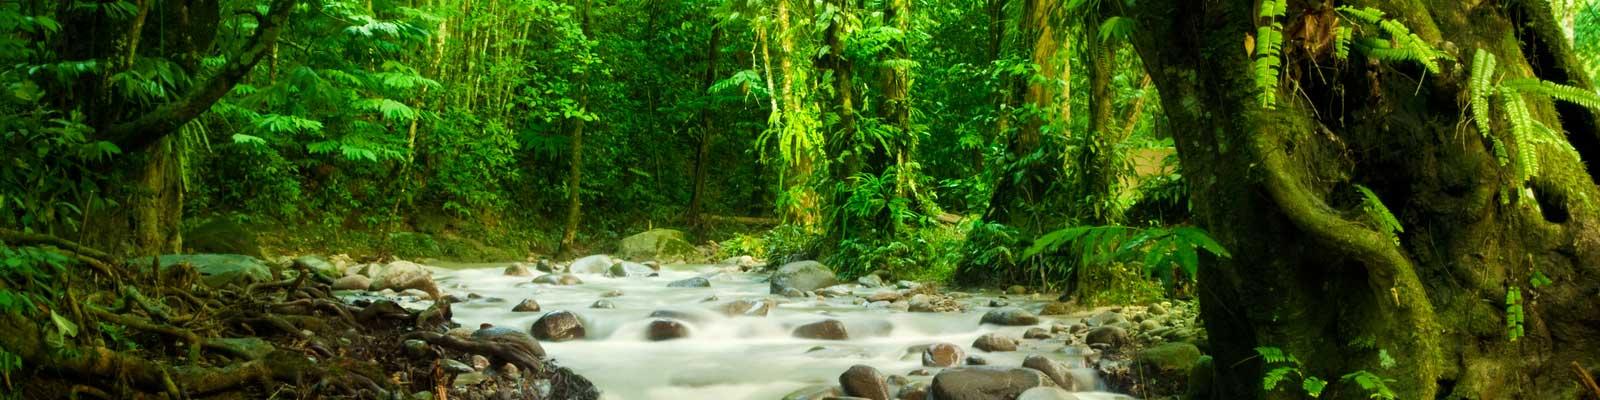 Cachoeira nas Pedras Costa Rica Hotel, Resort, Passar as ferias.